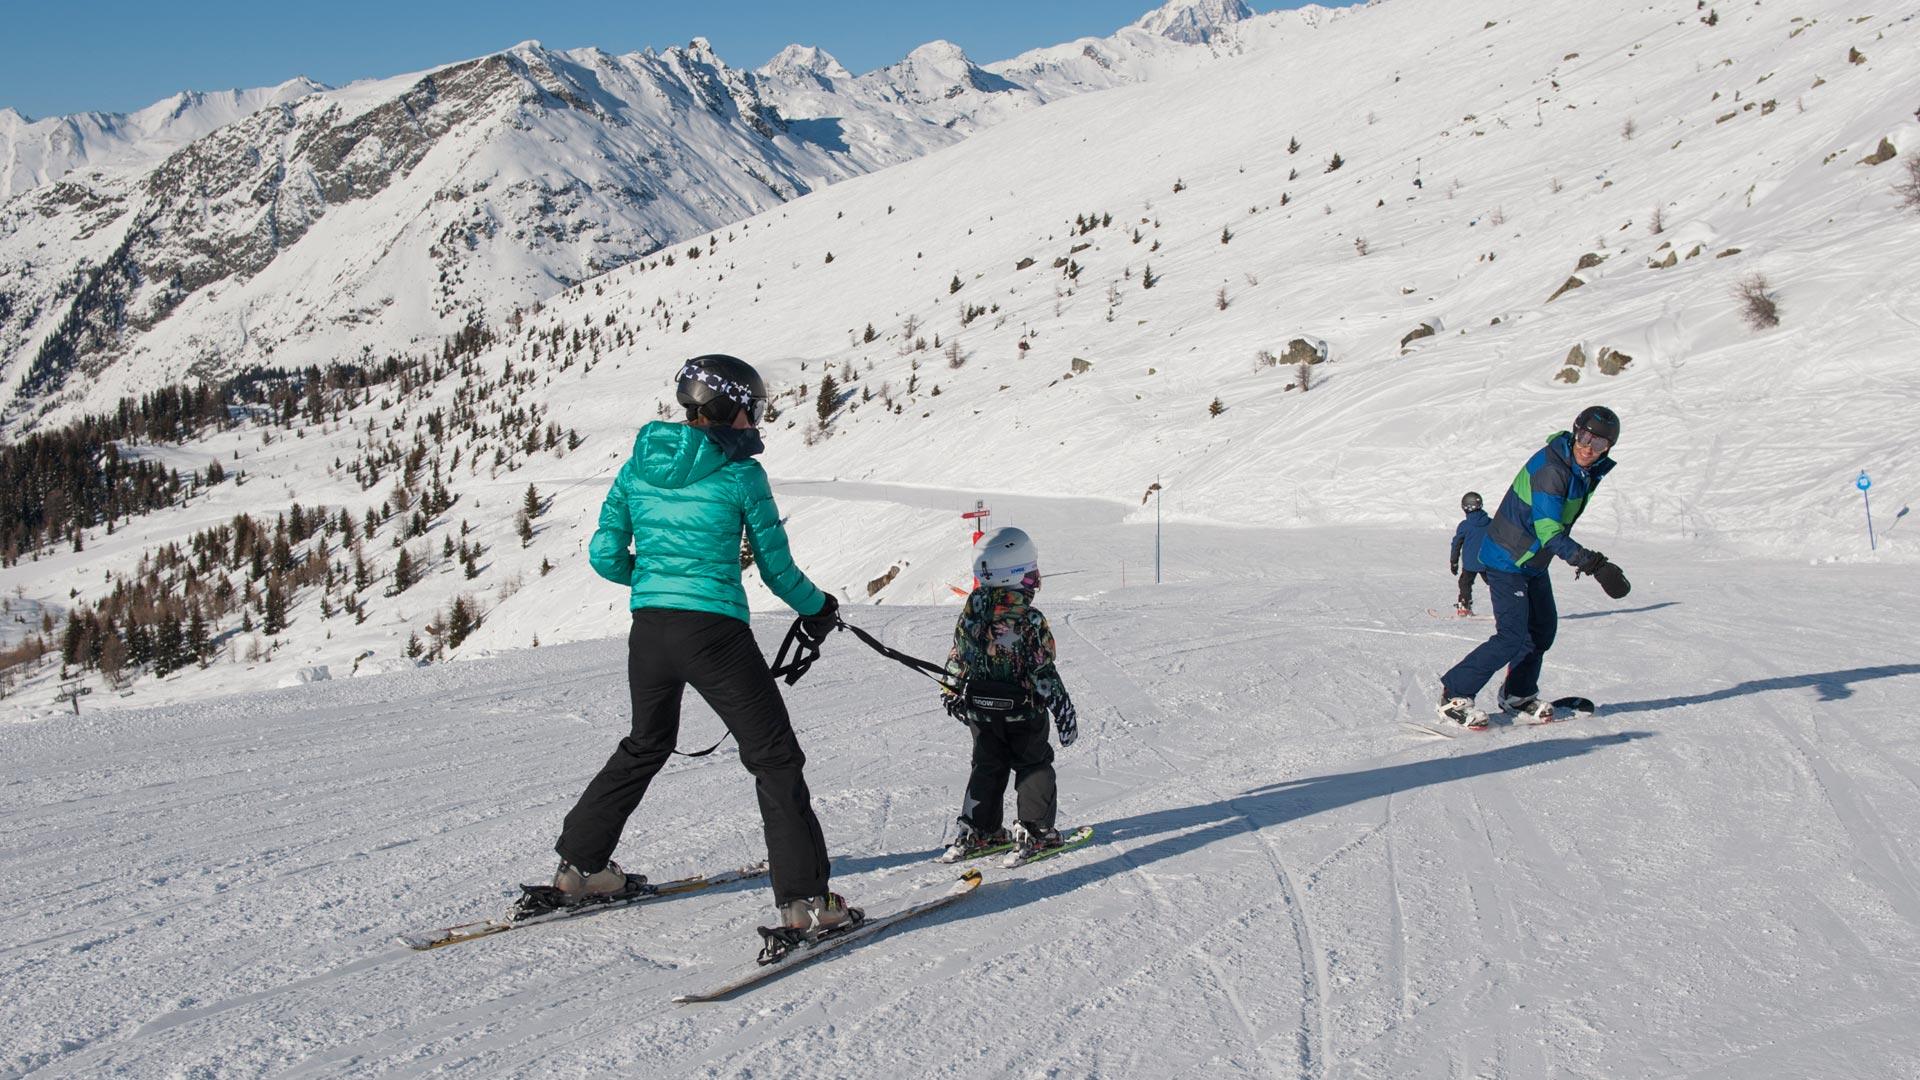 Family Ski Holiday in Sainte Foy